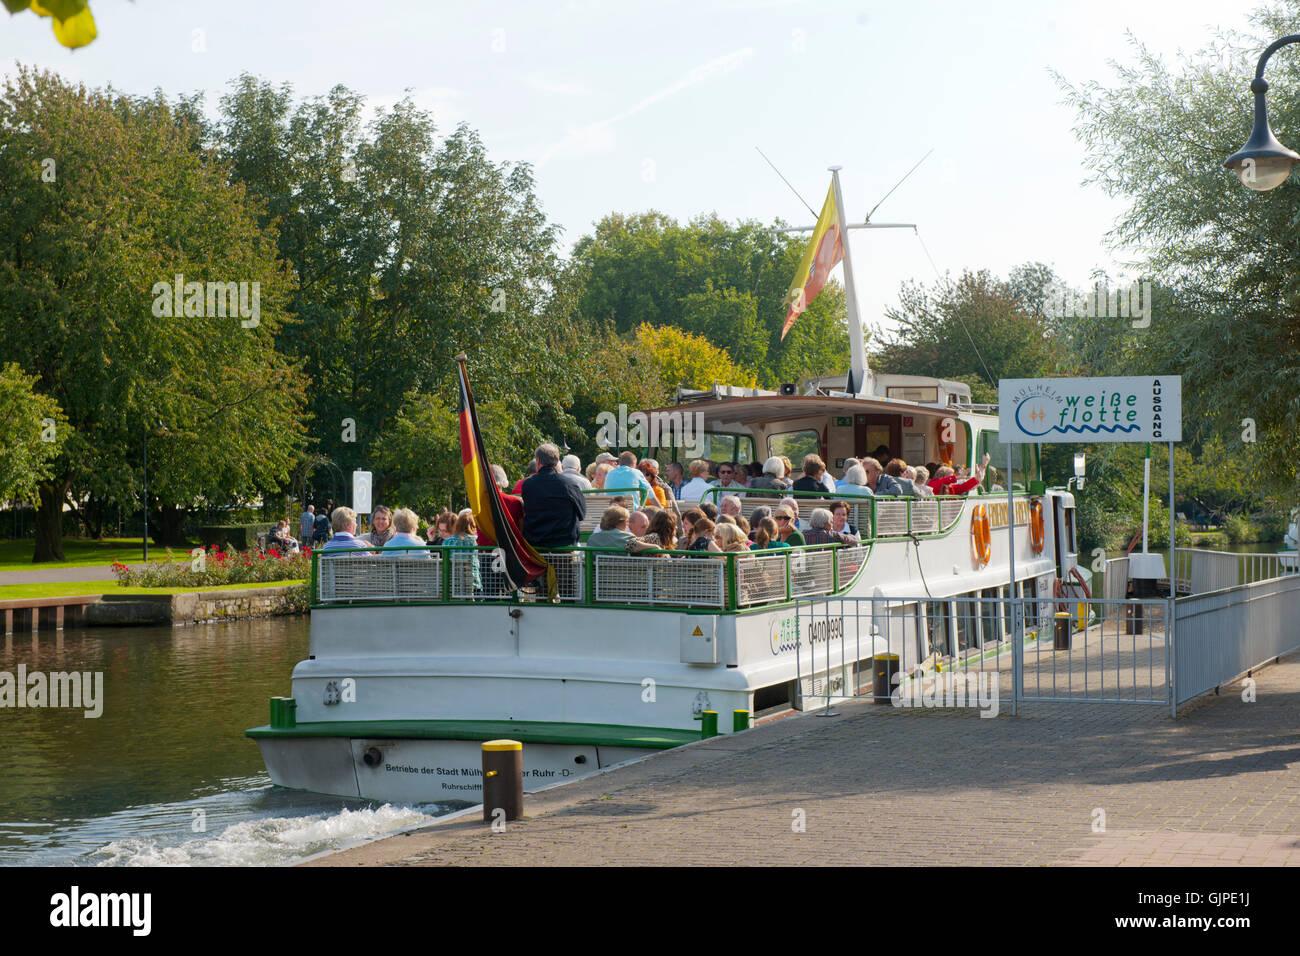 Deutschland, Nordrhein-Westfalen, Mühlheim an der Ruhr, Wasserbahnhof auf der Schleuseninsel, Schiff der Weißen - Stock Image